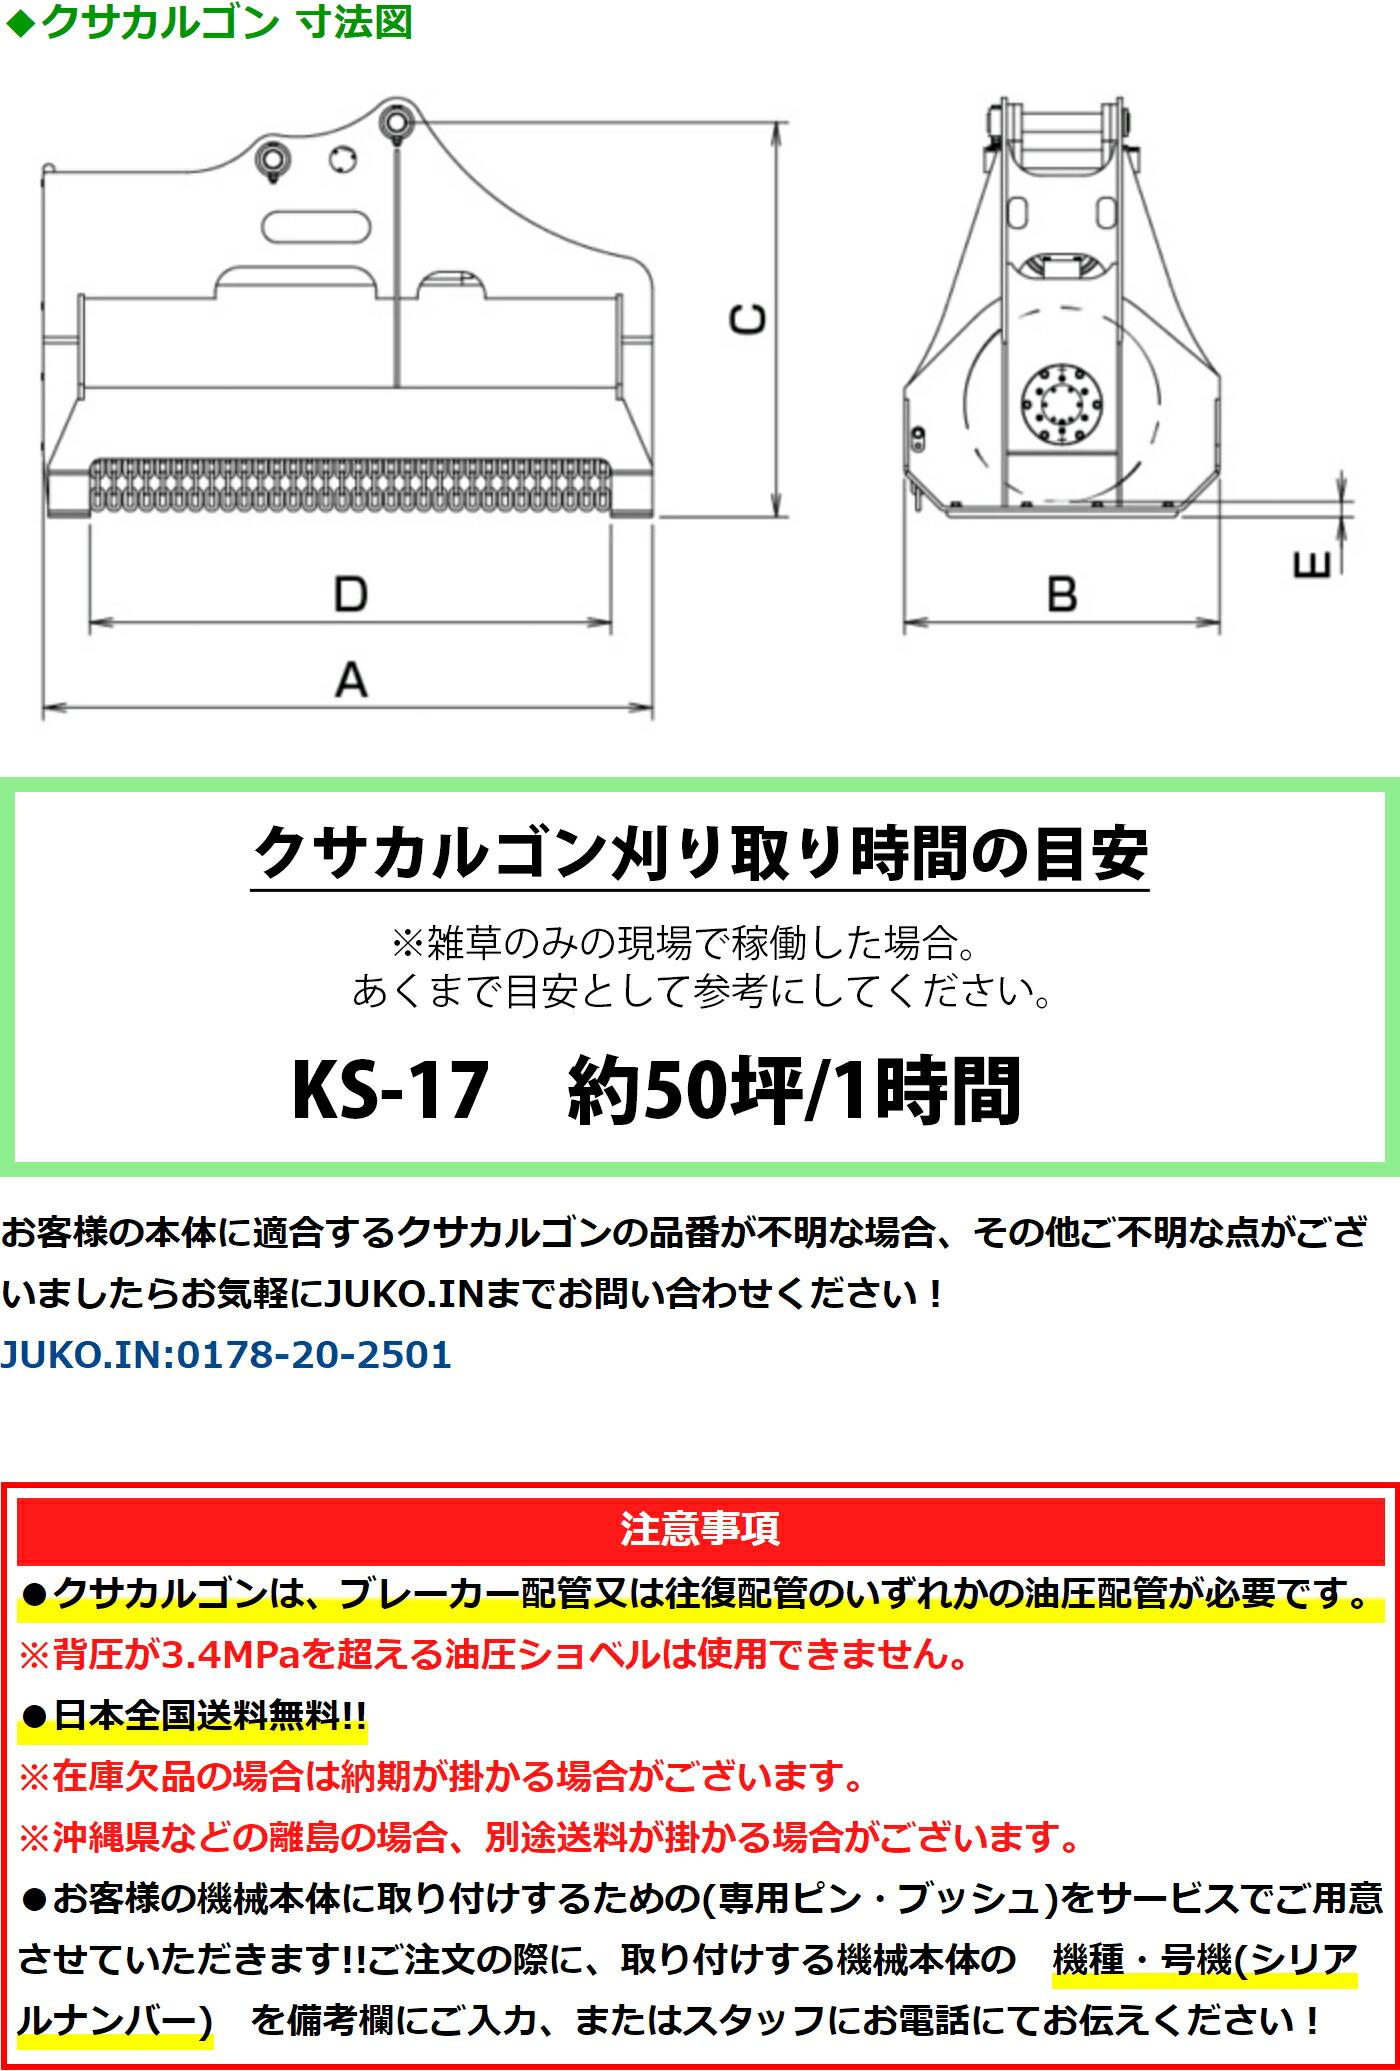 タグチ工業製クサカルゴン つかみ機・はさみ・フォーク・アタッチメント各種